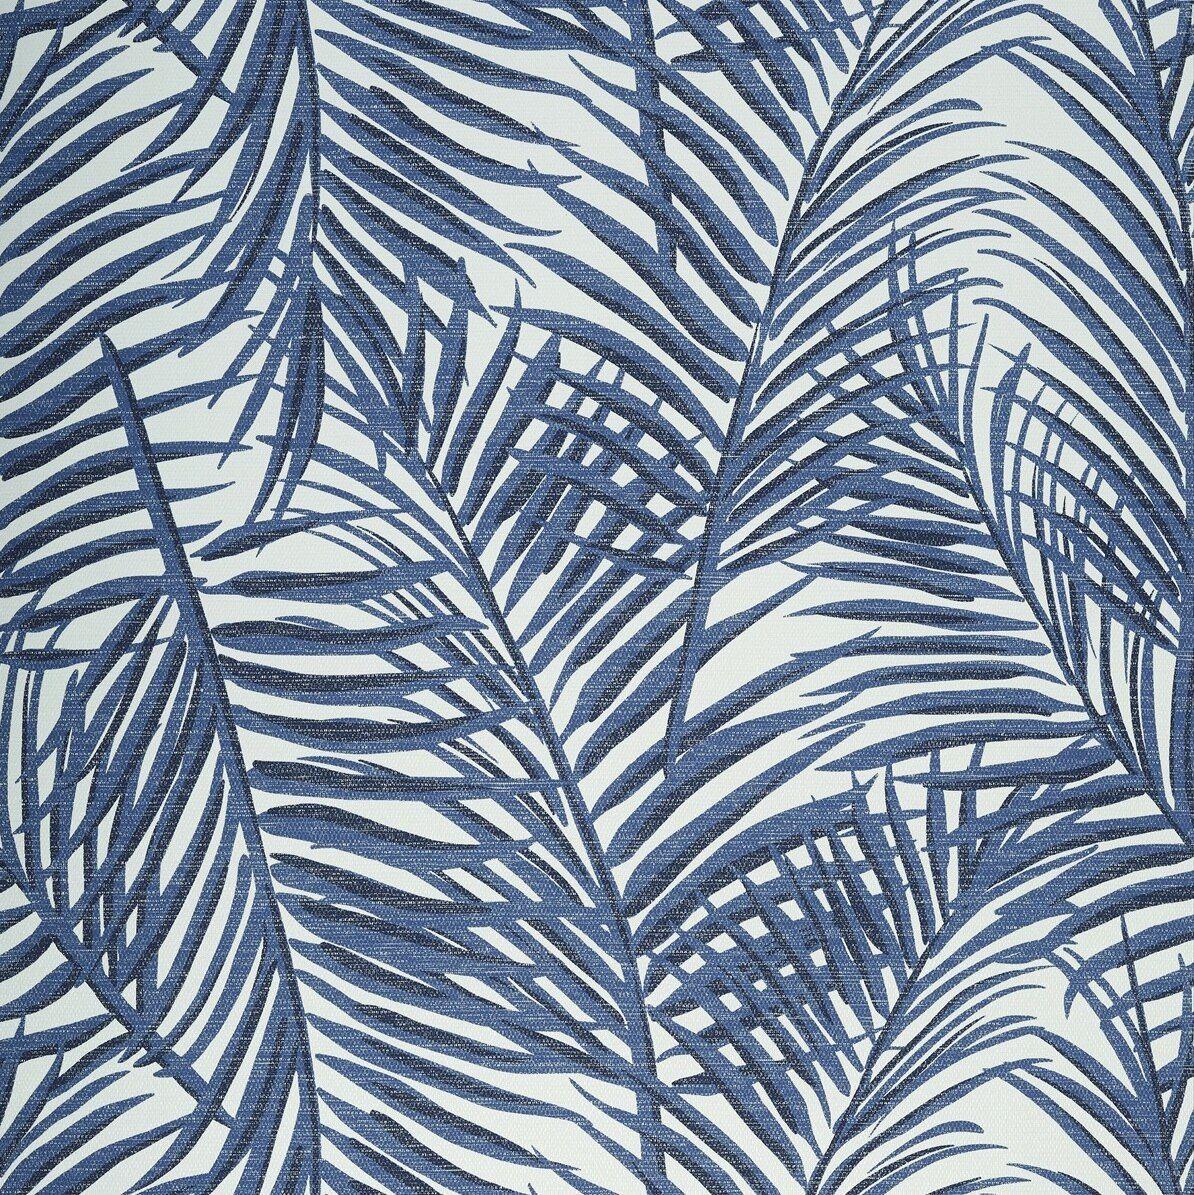 WEST PALM GRASSCLOTH BLUE Palm wallpaper, West palm